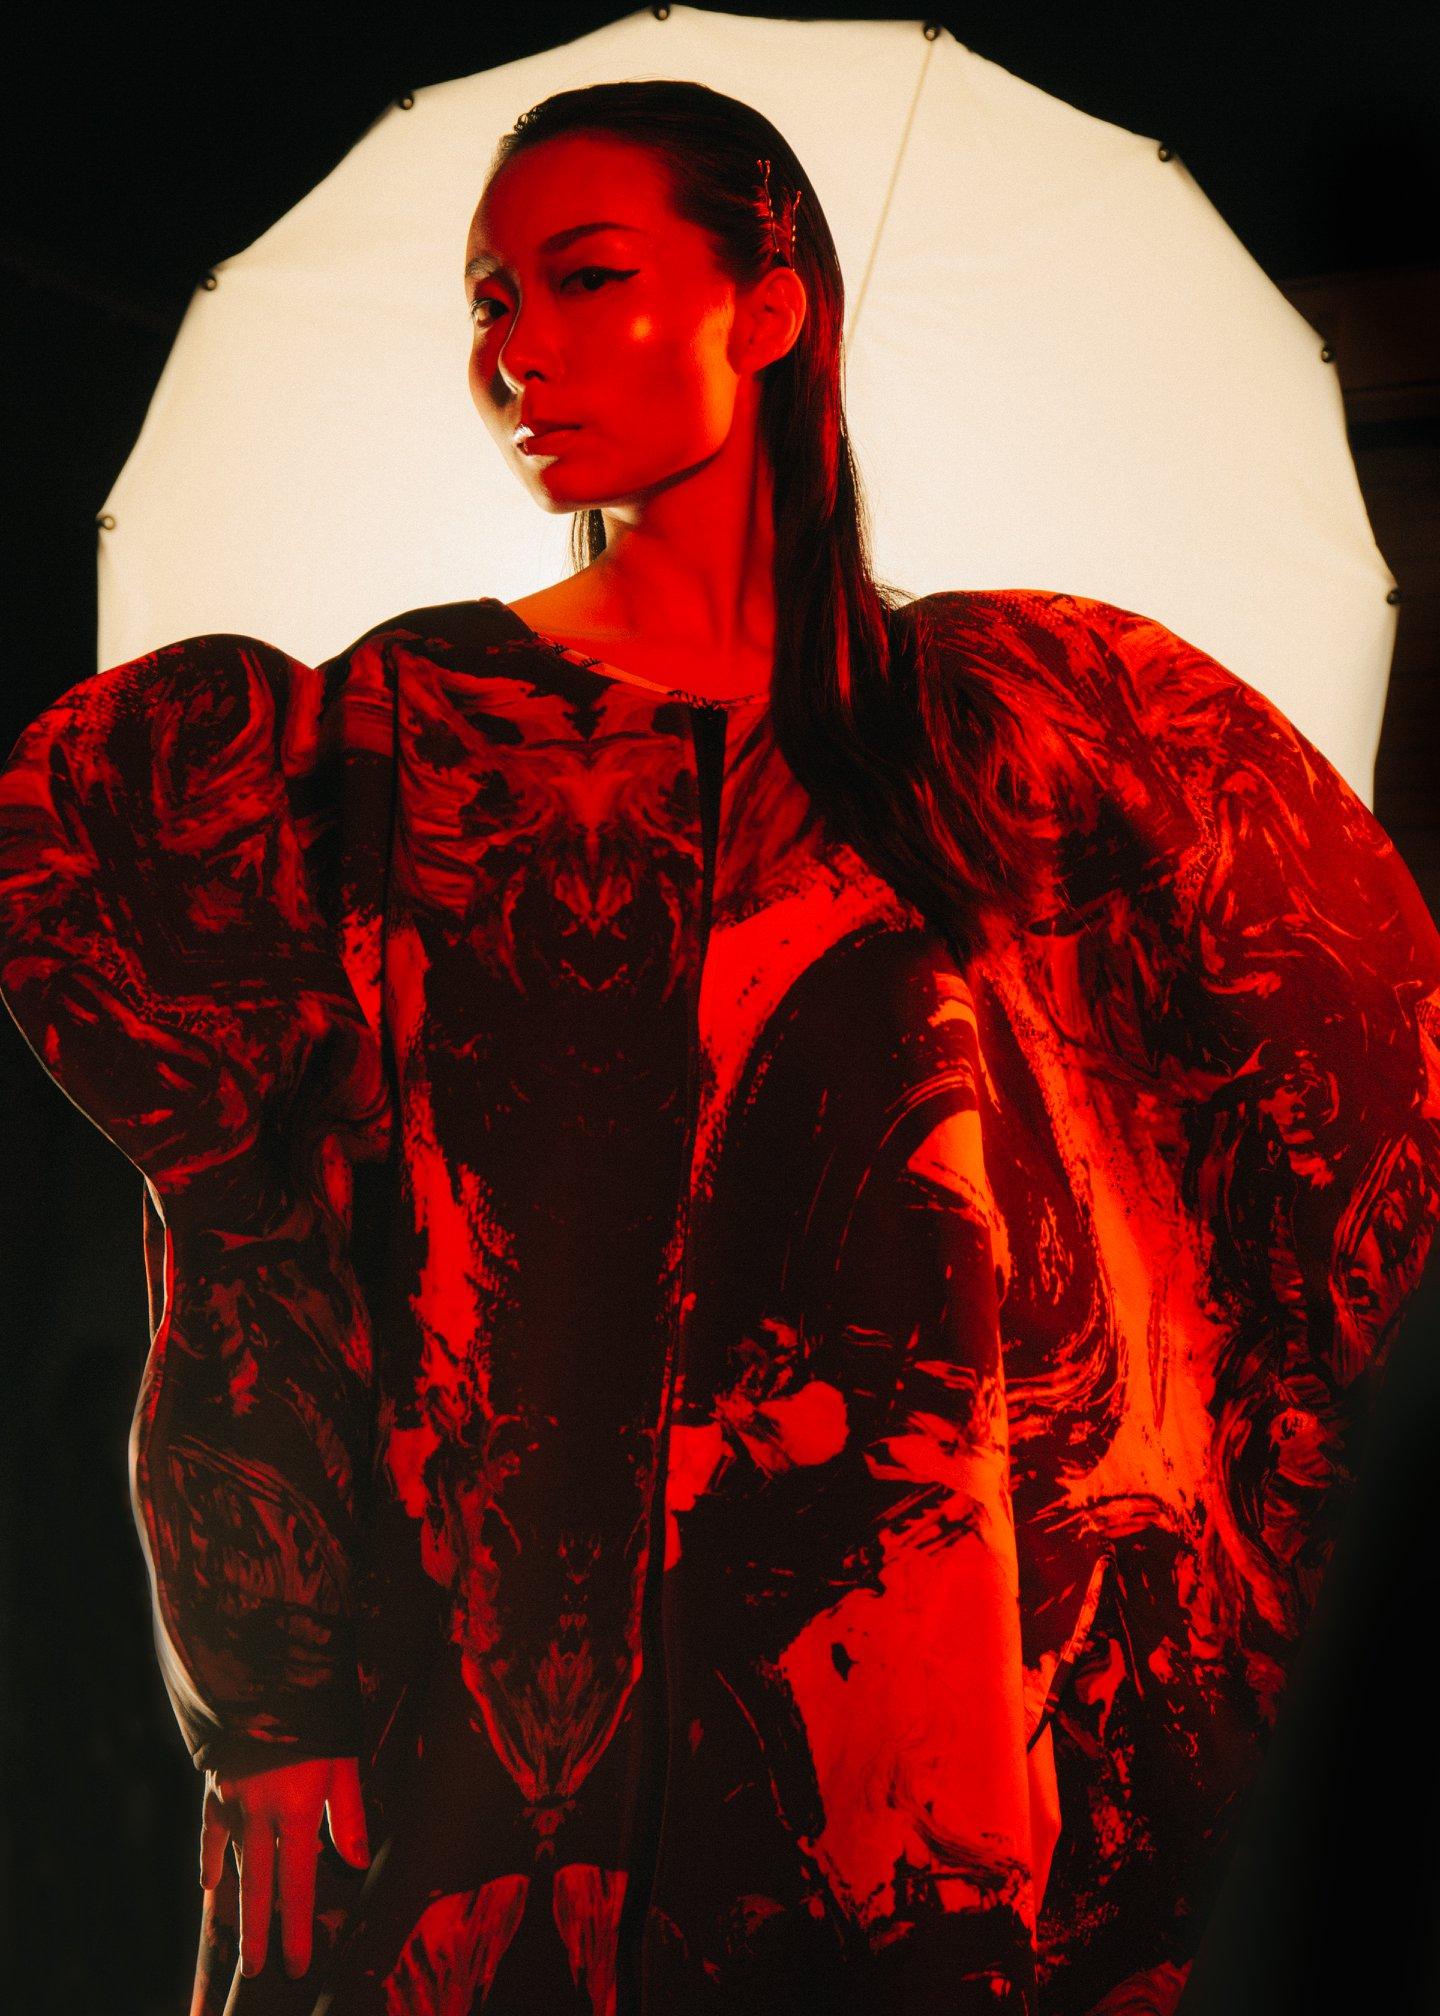 Redgirl, 2018